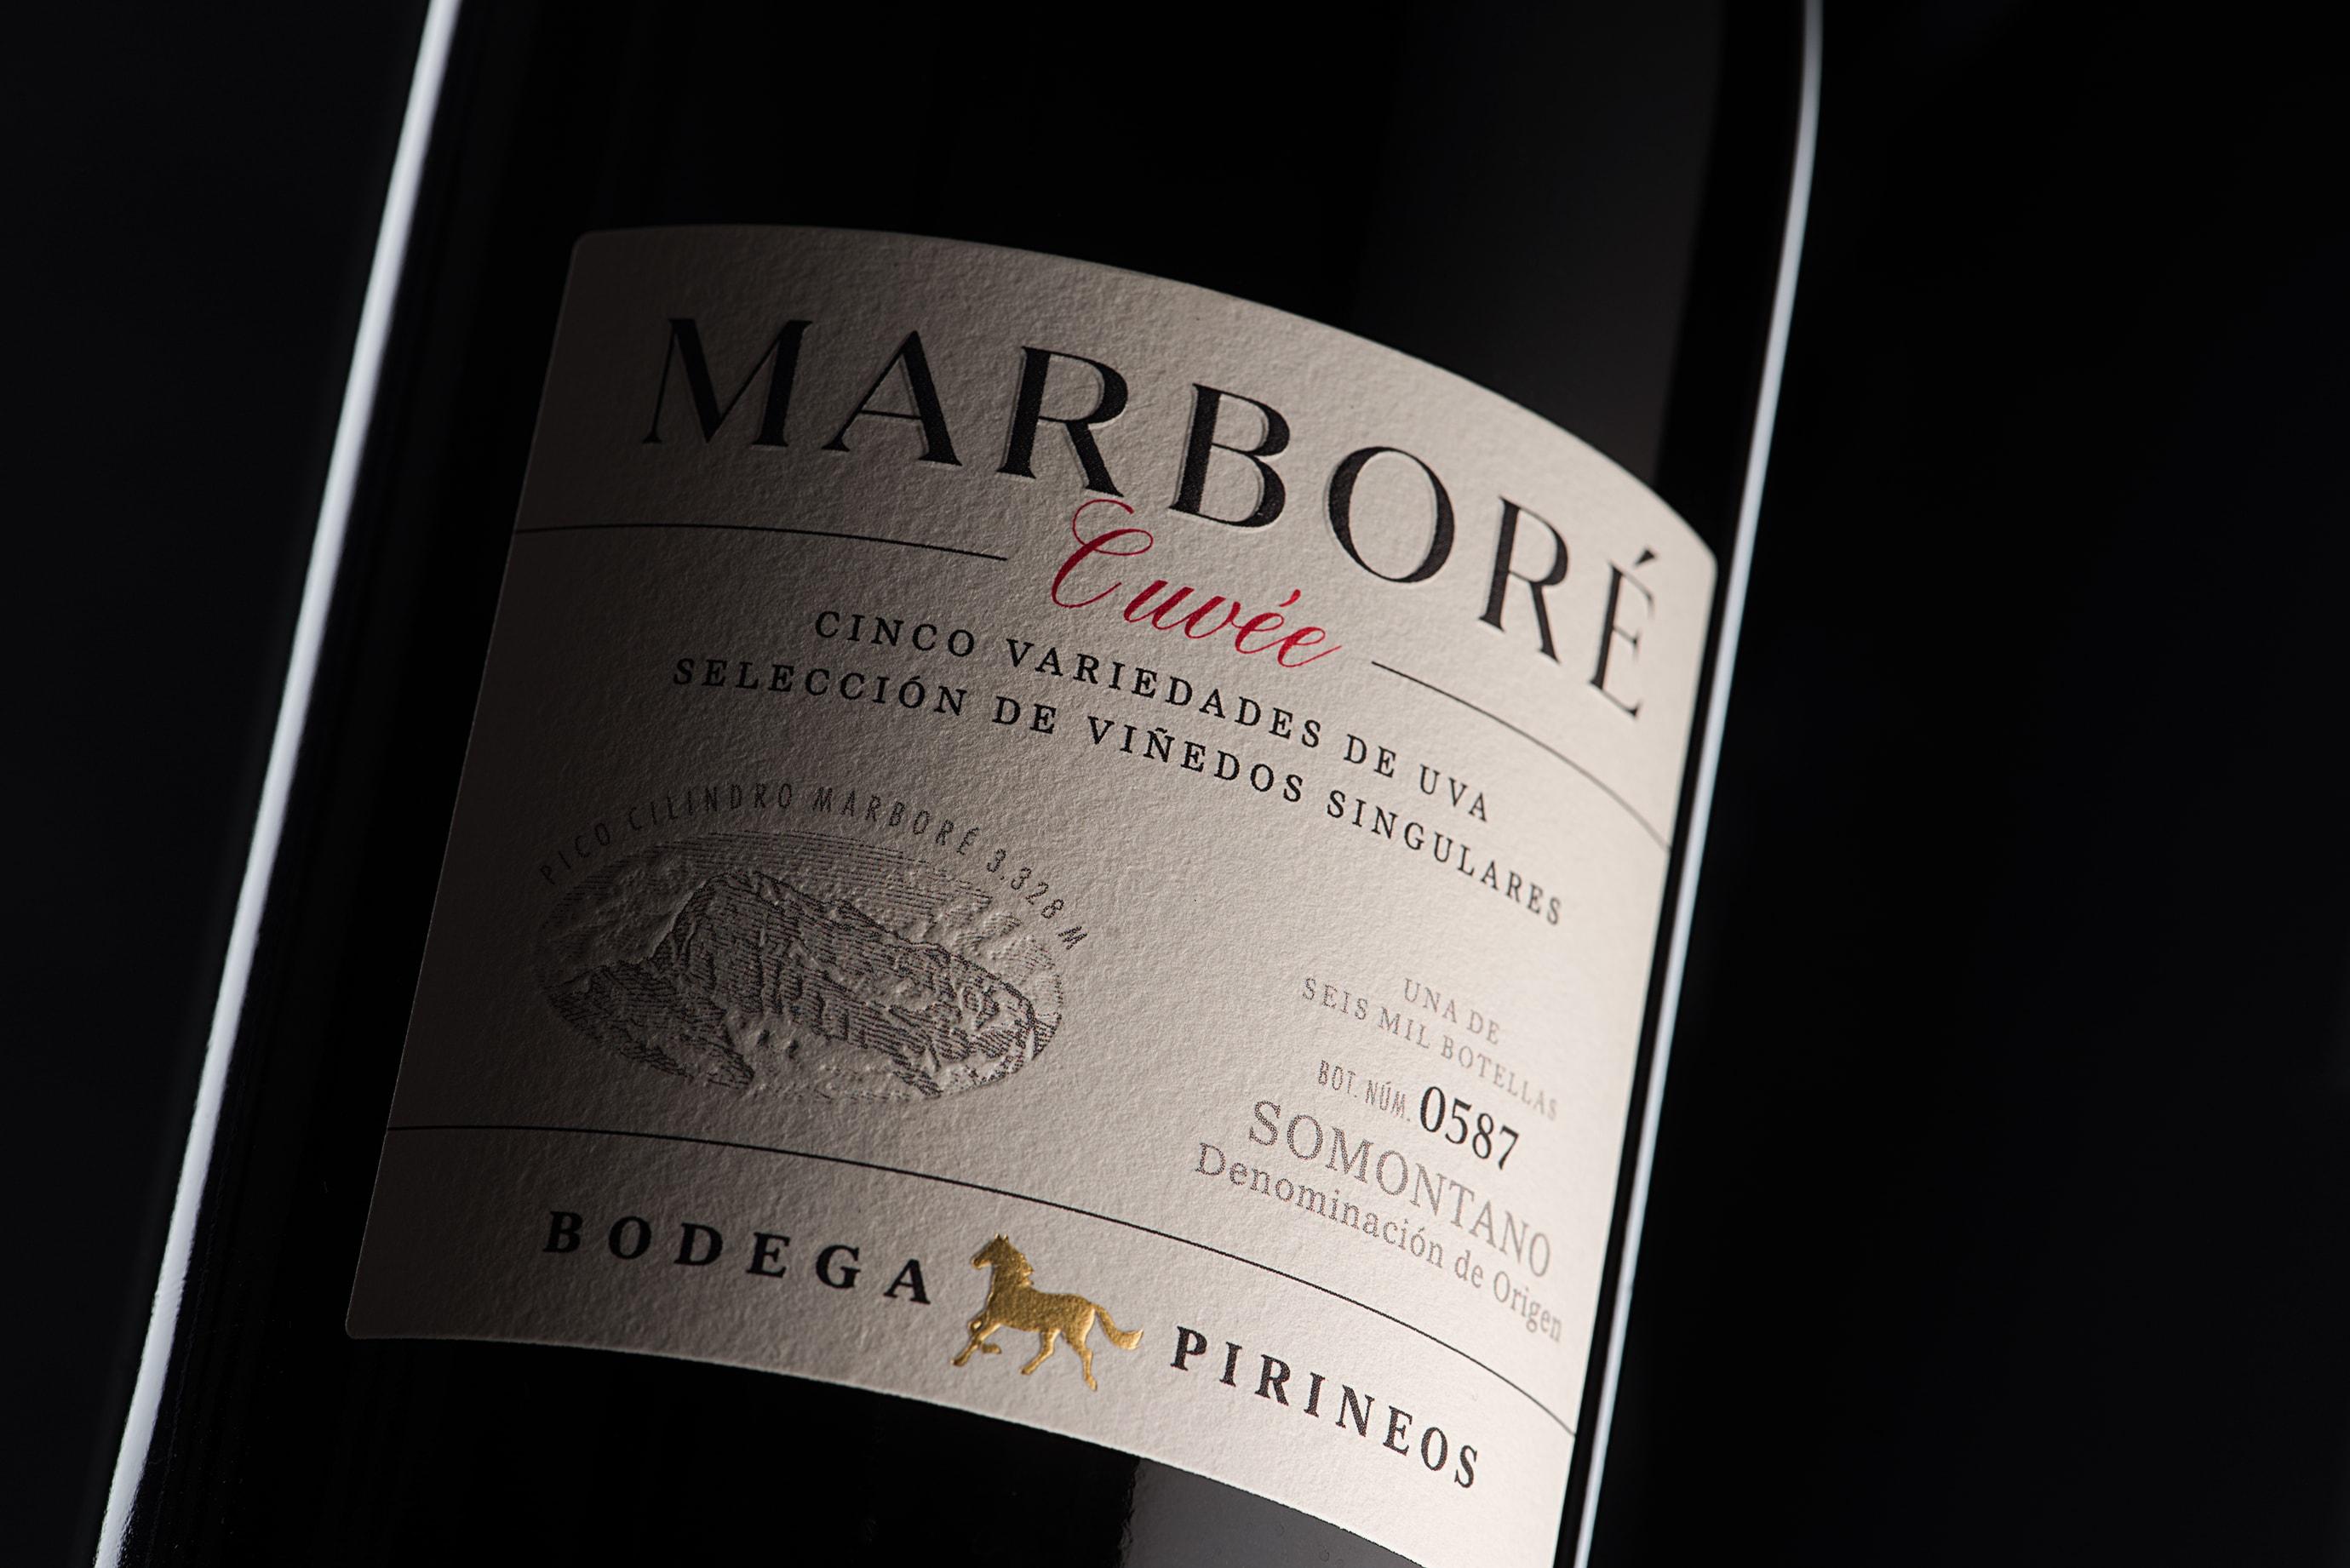 Marboré Cuvée, la nueva apuesta de Bodega Pirineos